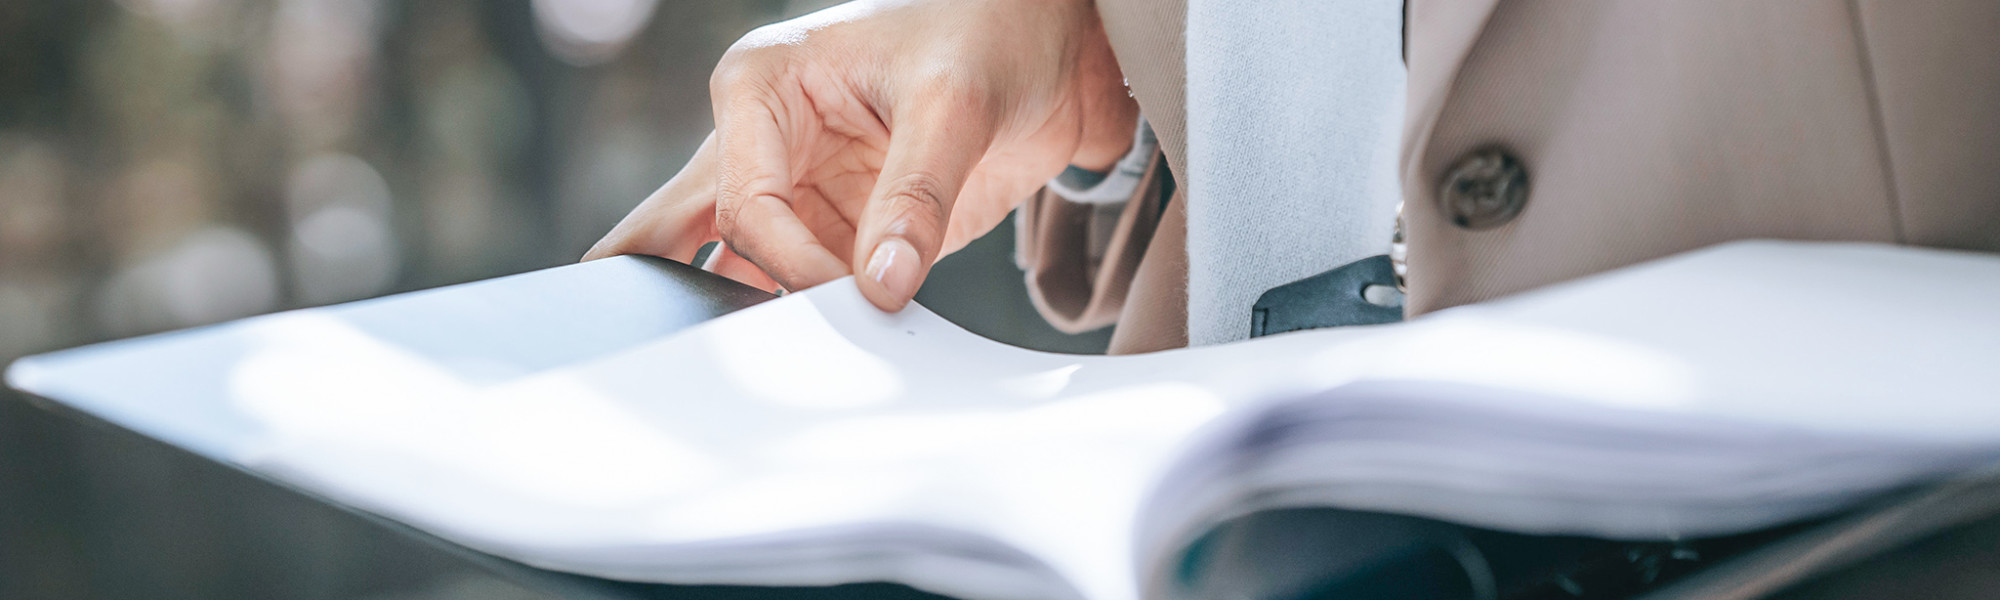 Kuvassa nainen selaa asiakirjakansiota